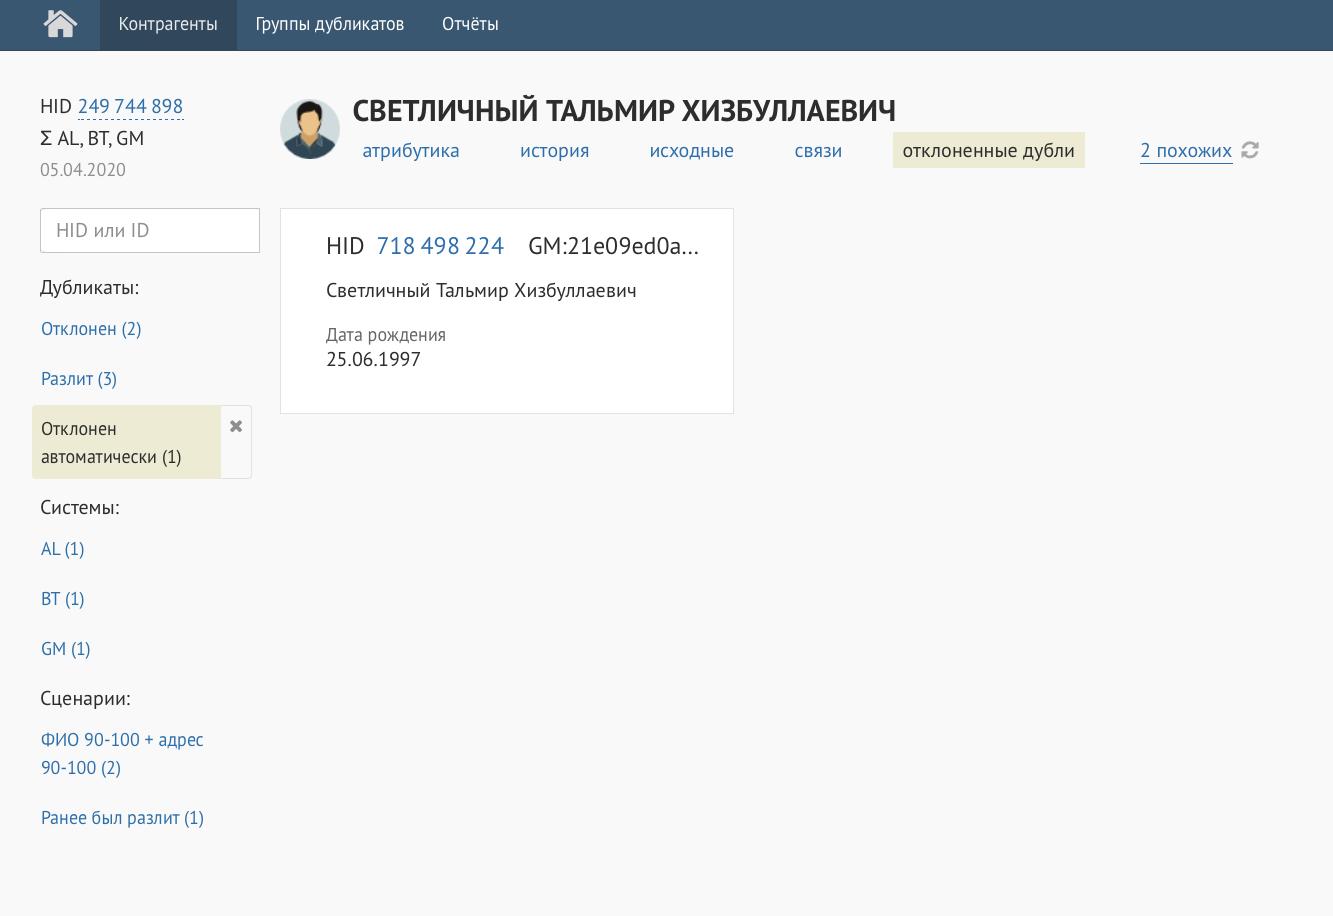 Мывписали антидубли впривычный интерфейс «Единого клиента»